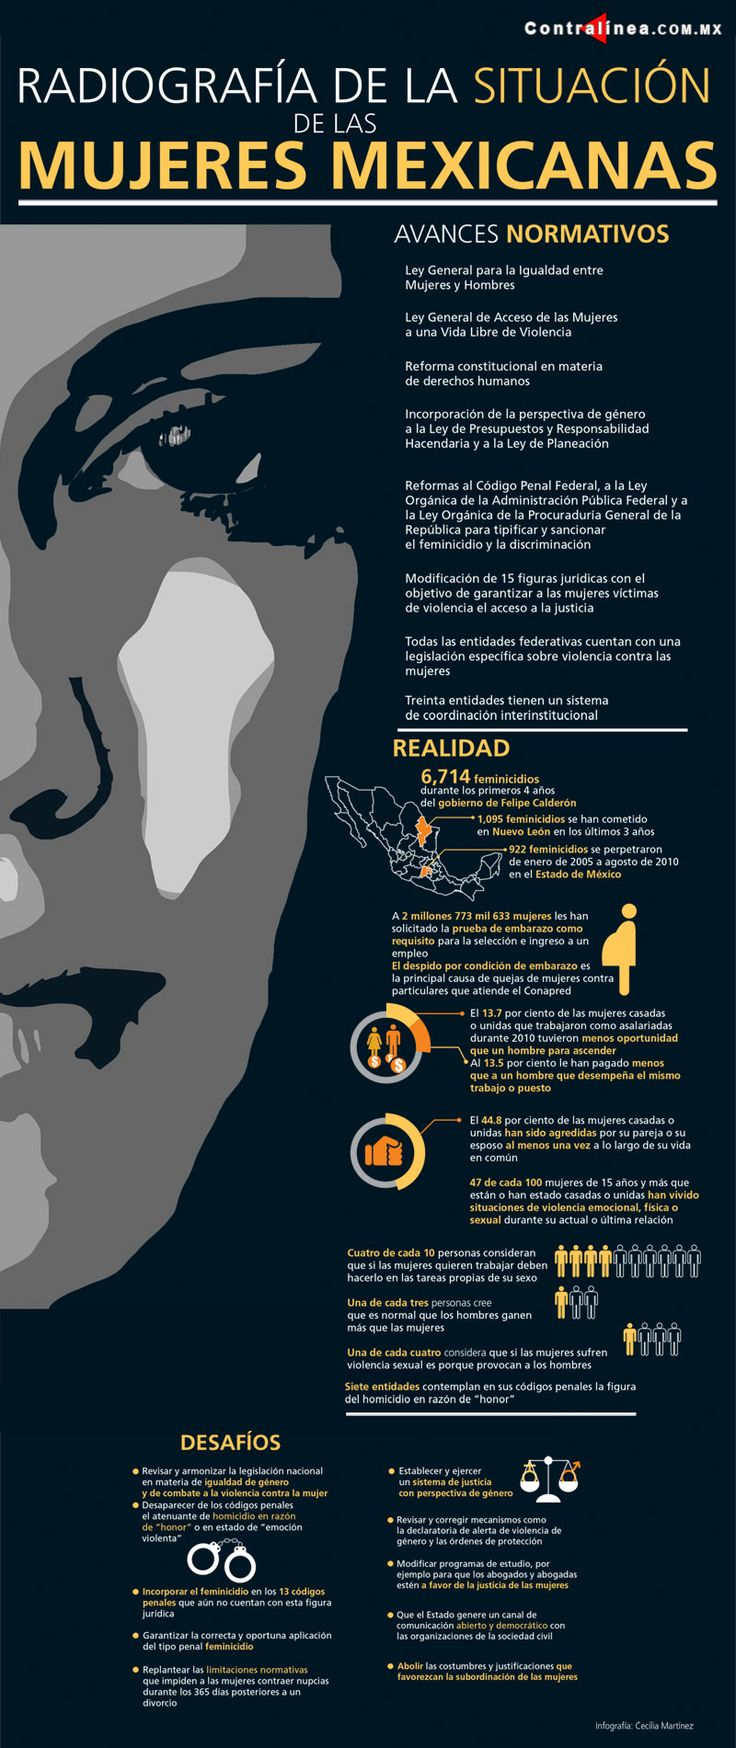 Infografía: Radiografía situación de las mujeres mexicanas